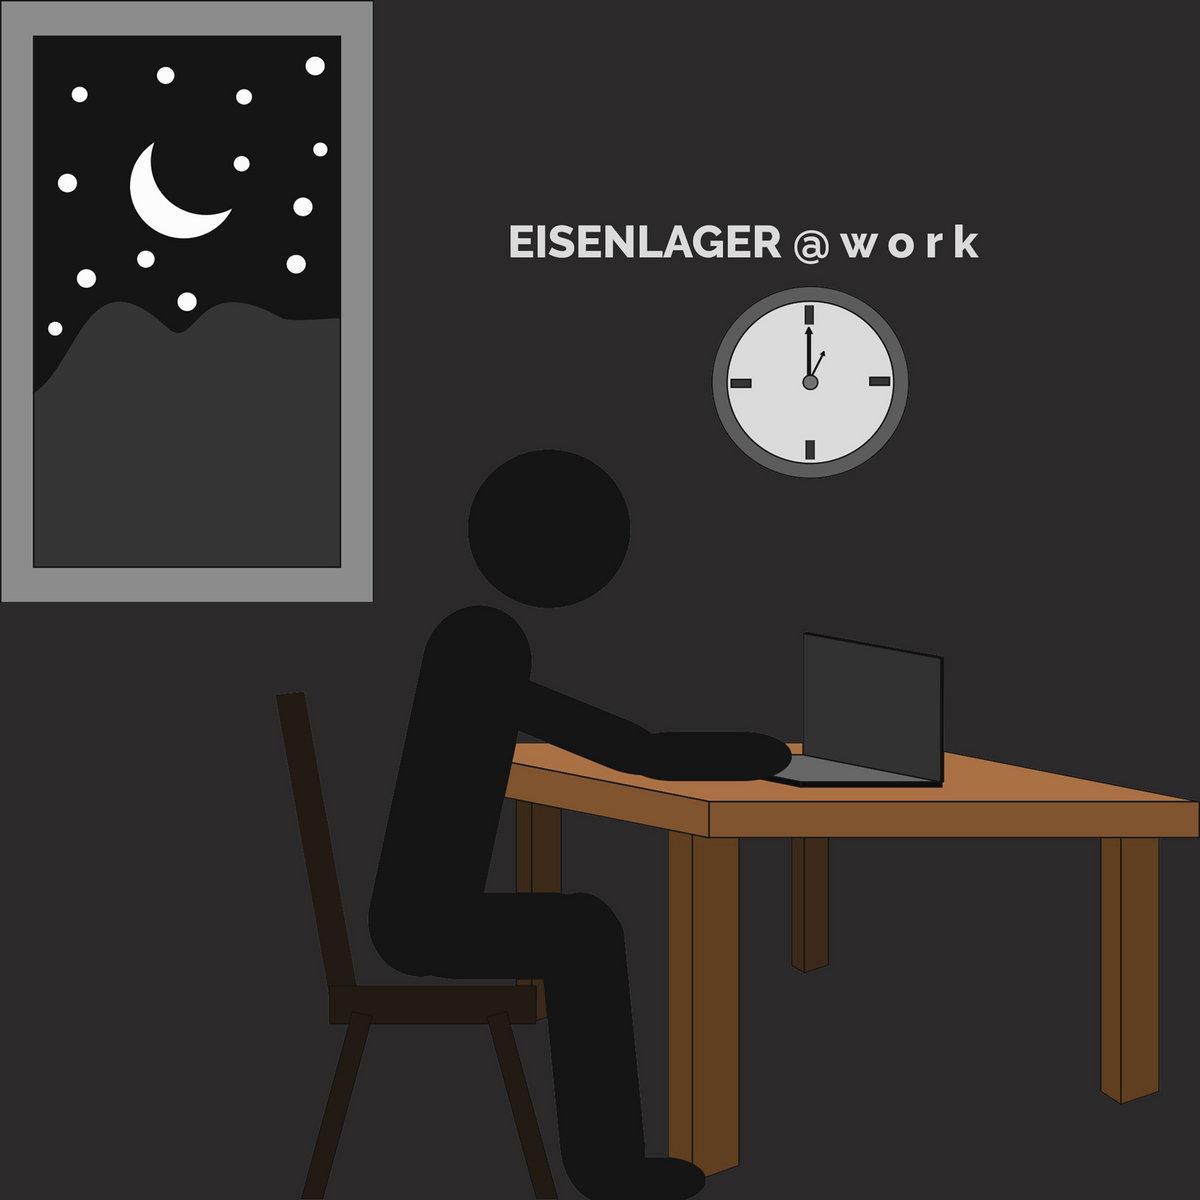 EISENLAGER – @ work